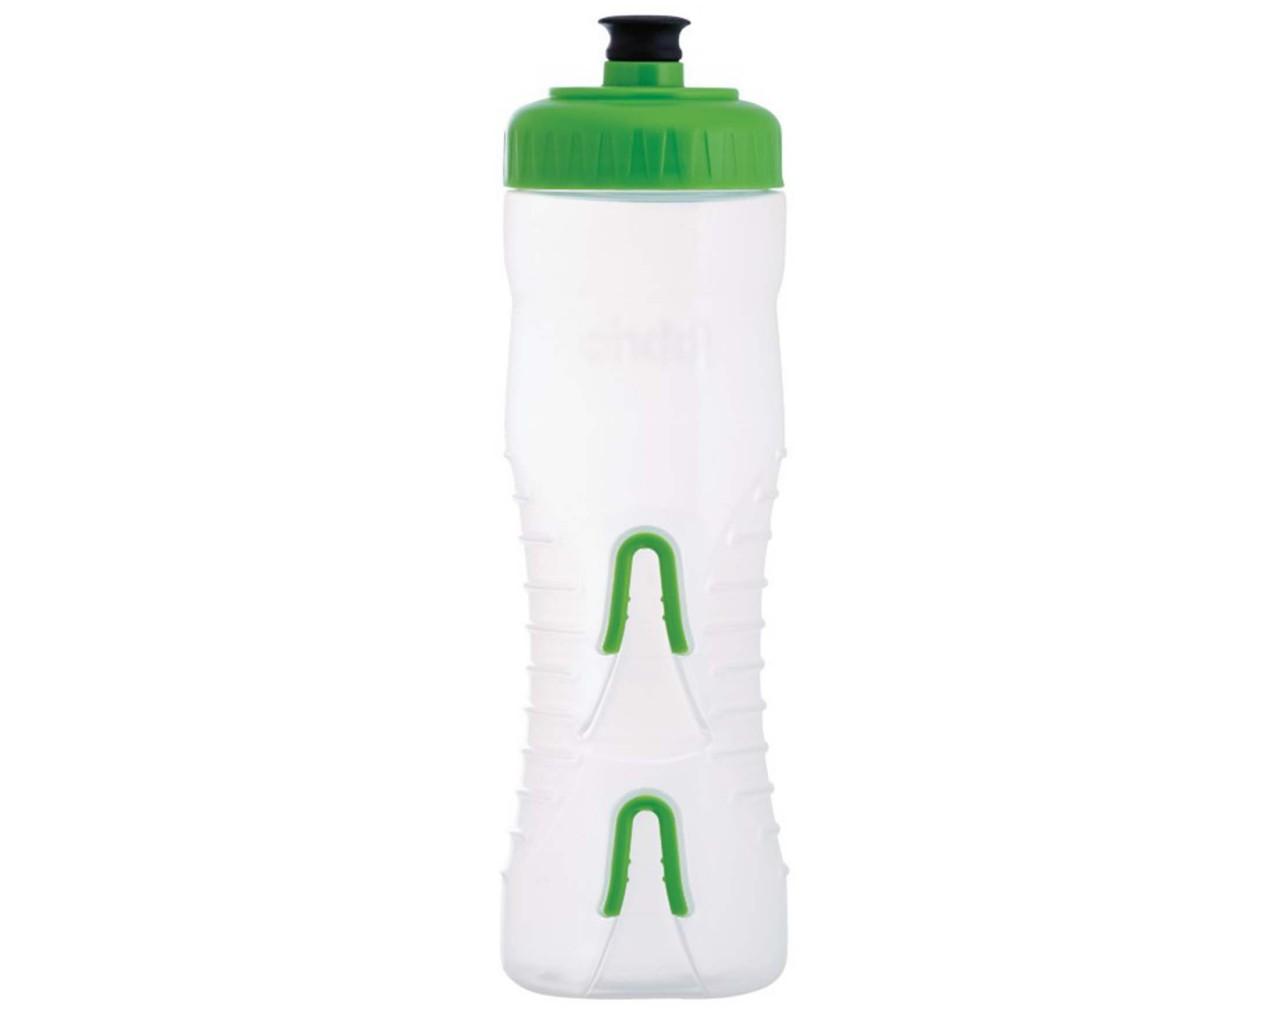 Fabric Wasserflasche mit integriertem Halter 750 ml | clear-green